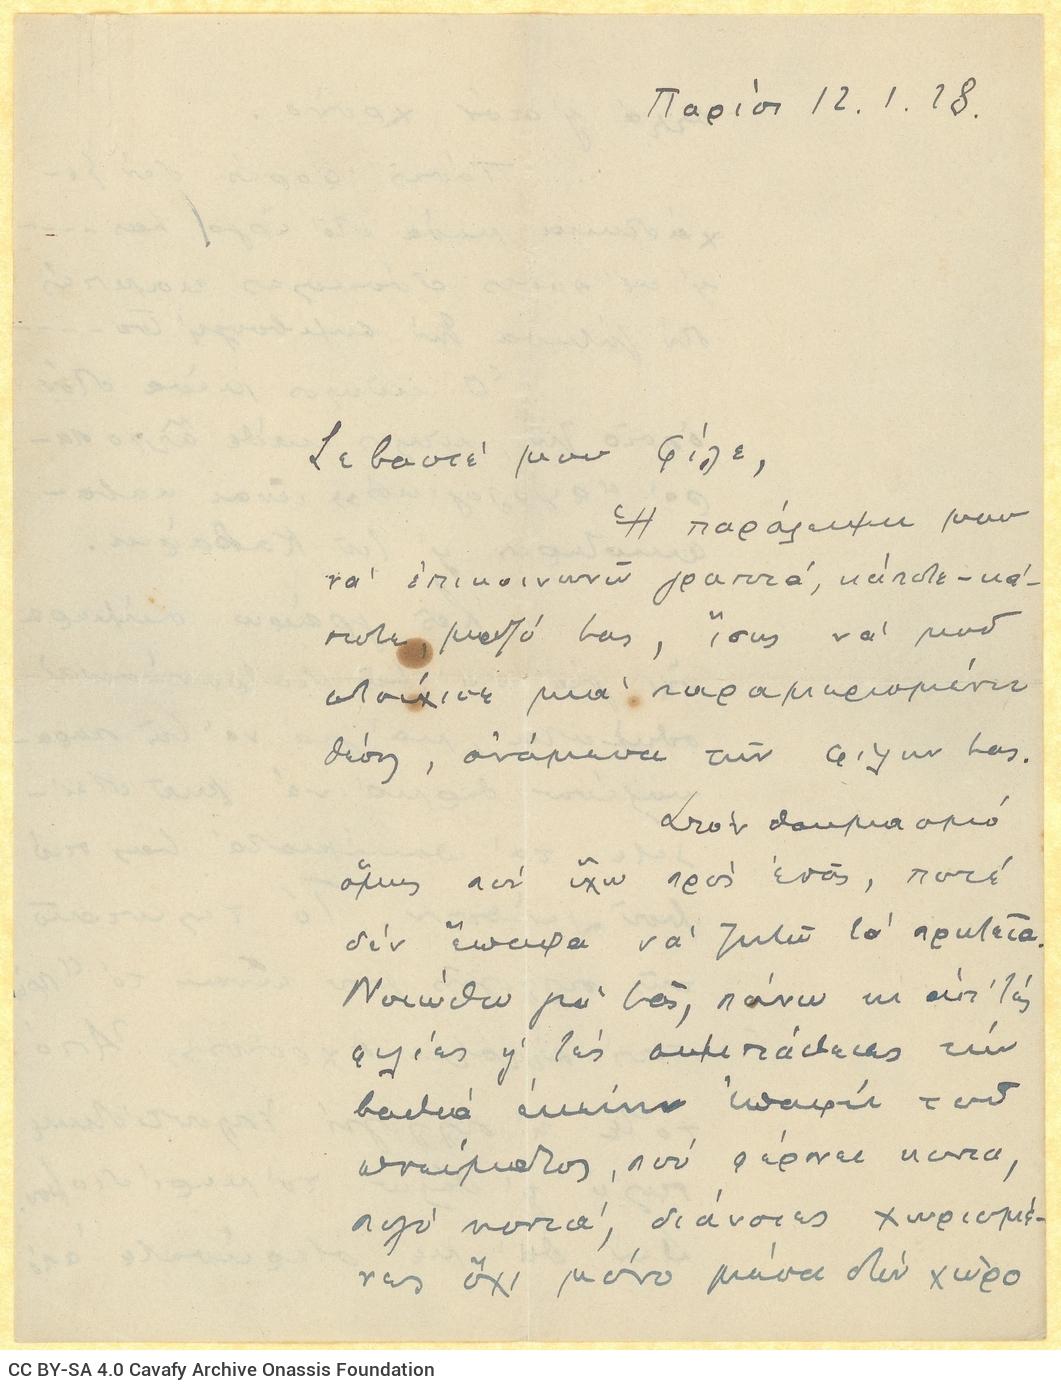 Χειρόγραφη επιστολή του Ηράκλειου Φυσεντζίδη προς τον Καβάφη, στην �